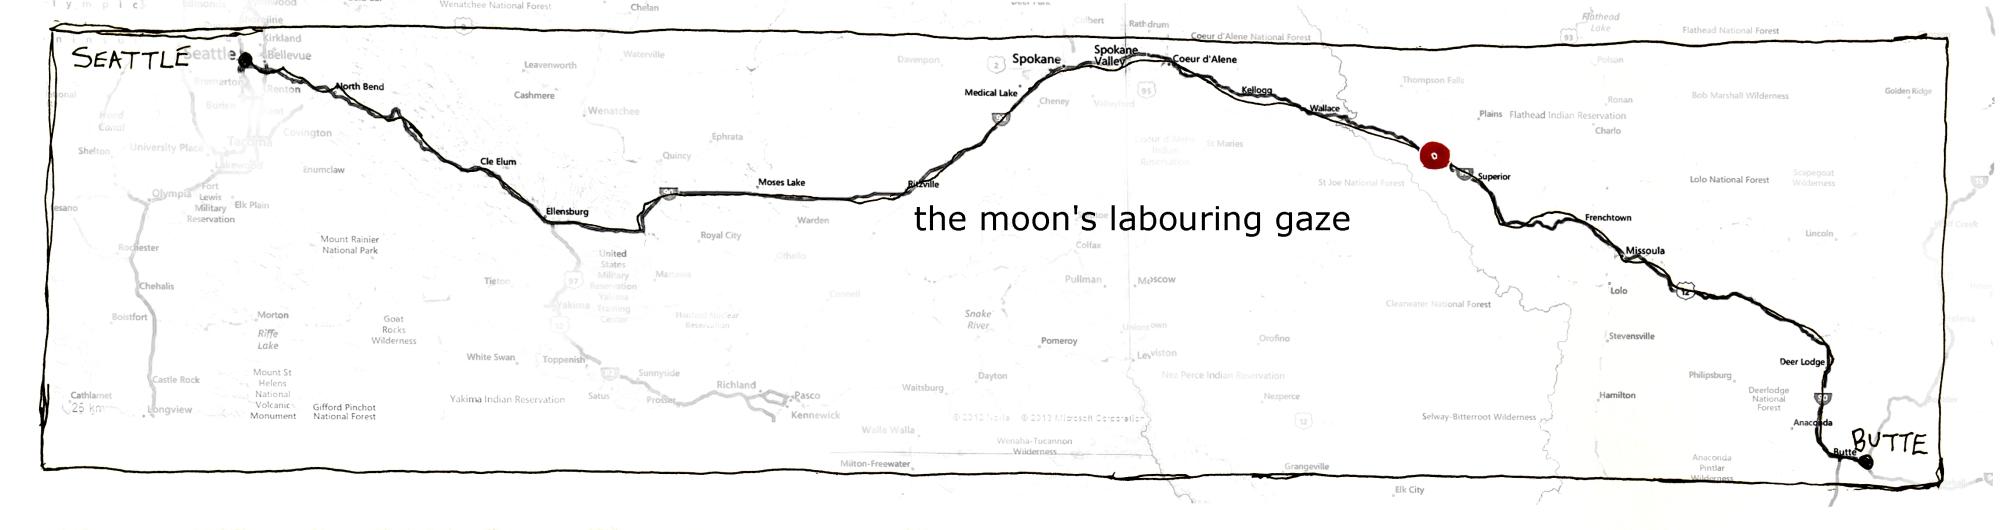 379 map